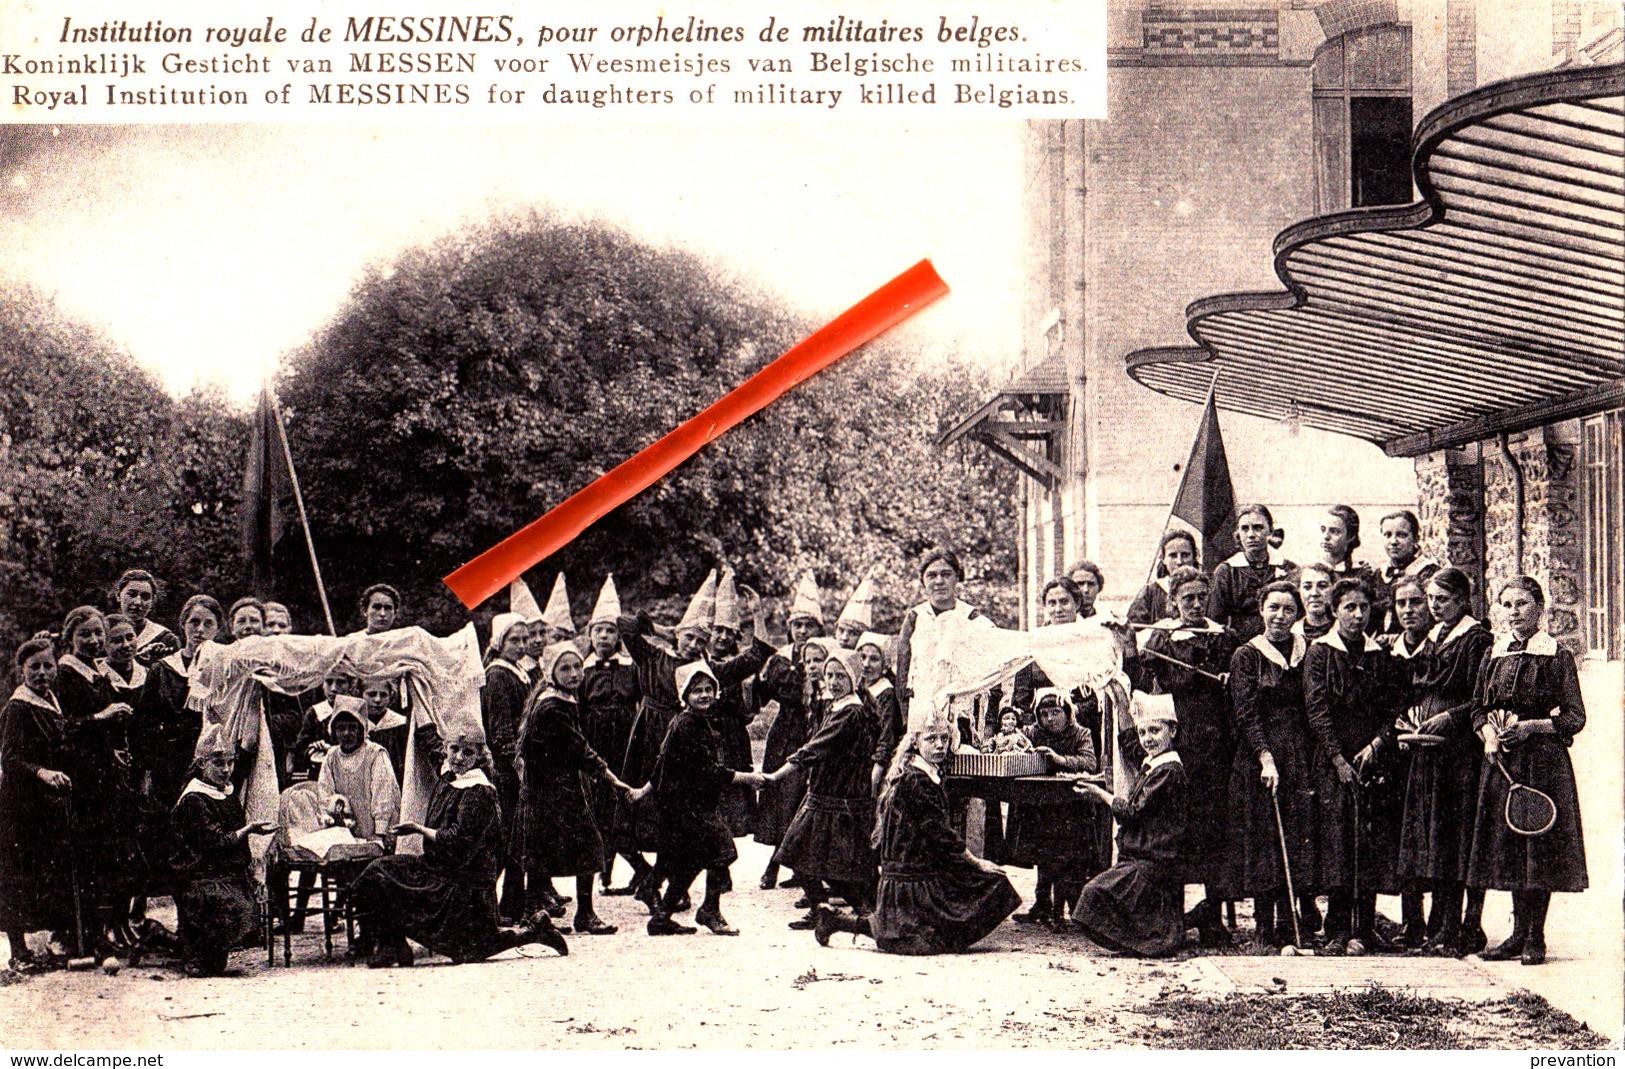 Institution Royale De Messines - Pour Orphelins De Militaires Belges. Koninklijk Gesticht Van MESSEN Voor Weesmeisjes - Messines - Mesen